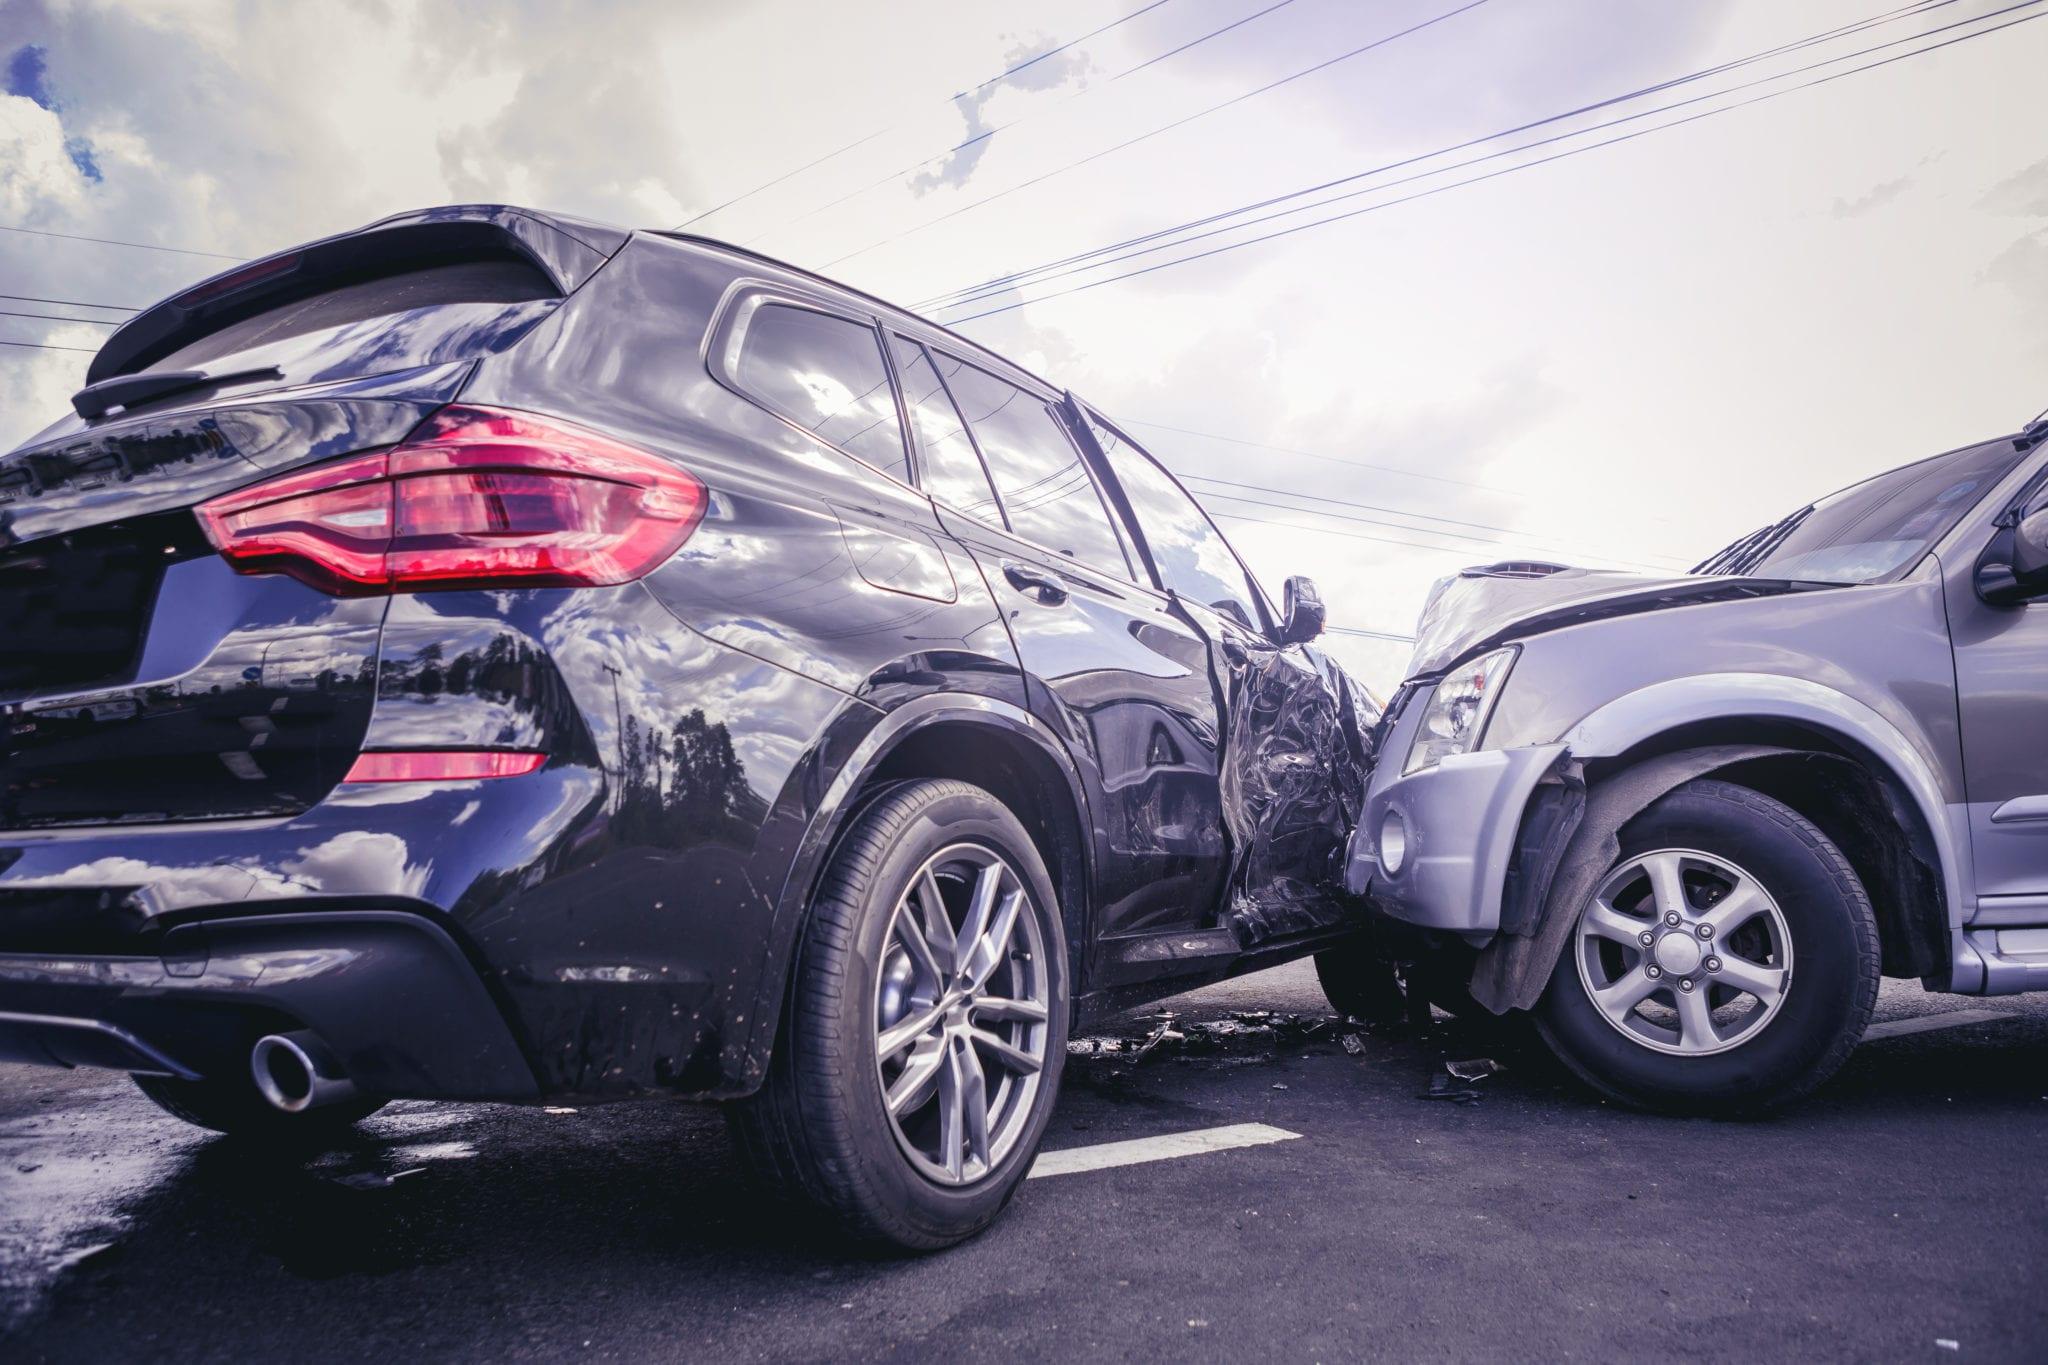 بیمه شخص ثالث ماشین برای انواع خسارات جانی و مالی خودرو